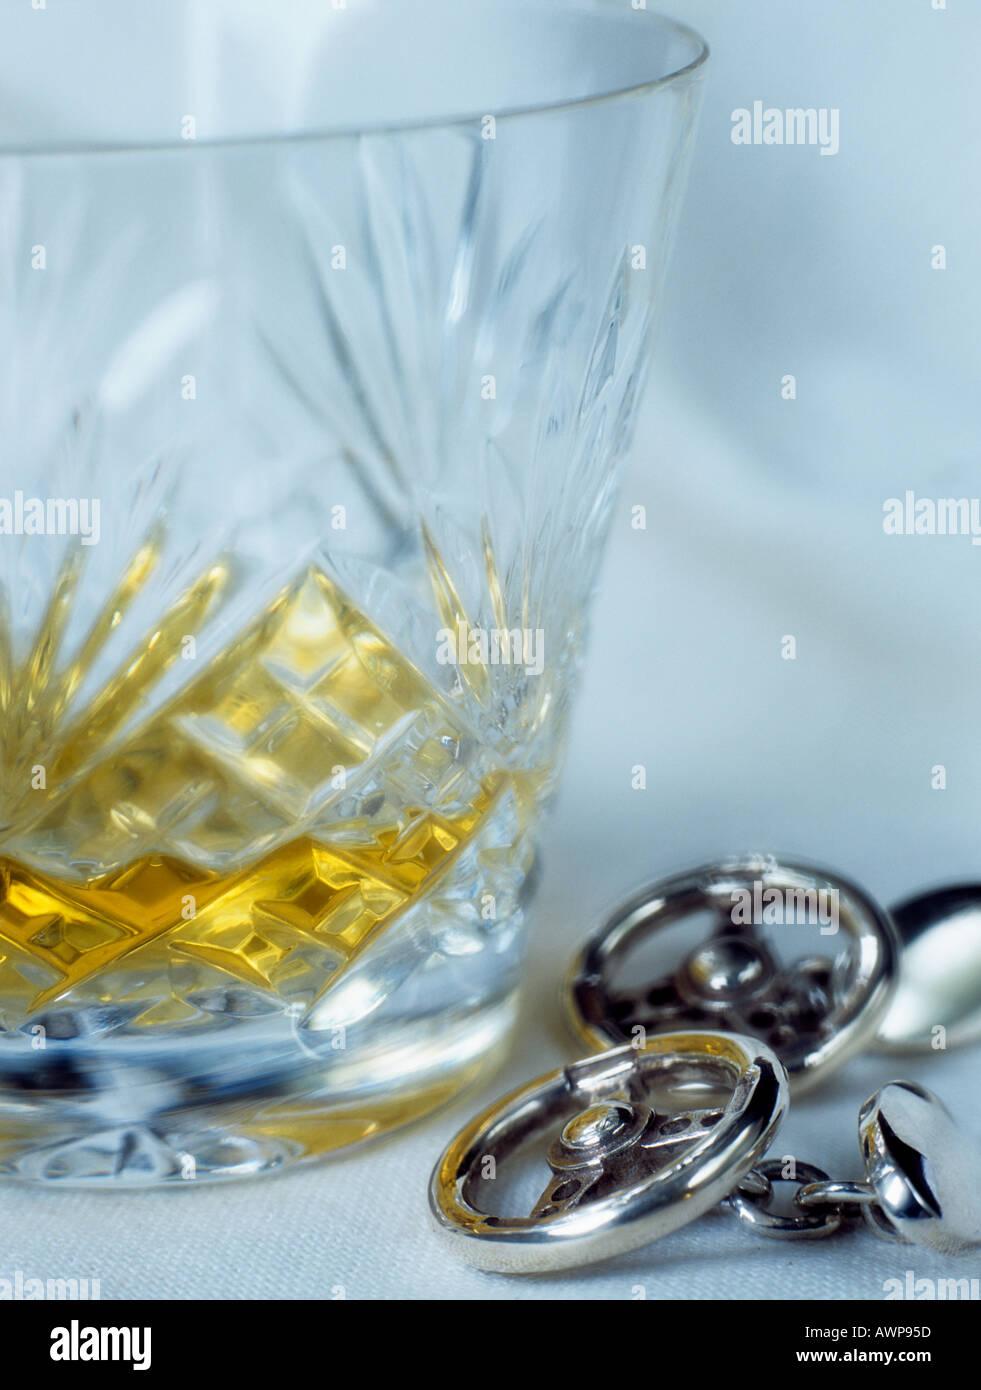 Un disparo de whisky single malt whisky de corte de cristal en un vaso de vidrio al lado del hombre Volante cuff links para ilustrar el concepto de unidad no beba. UK Imagen De Stock